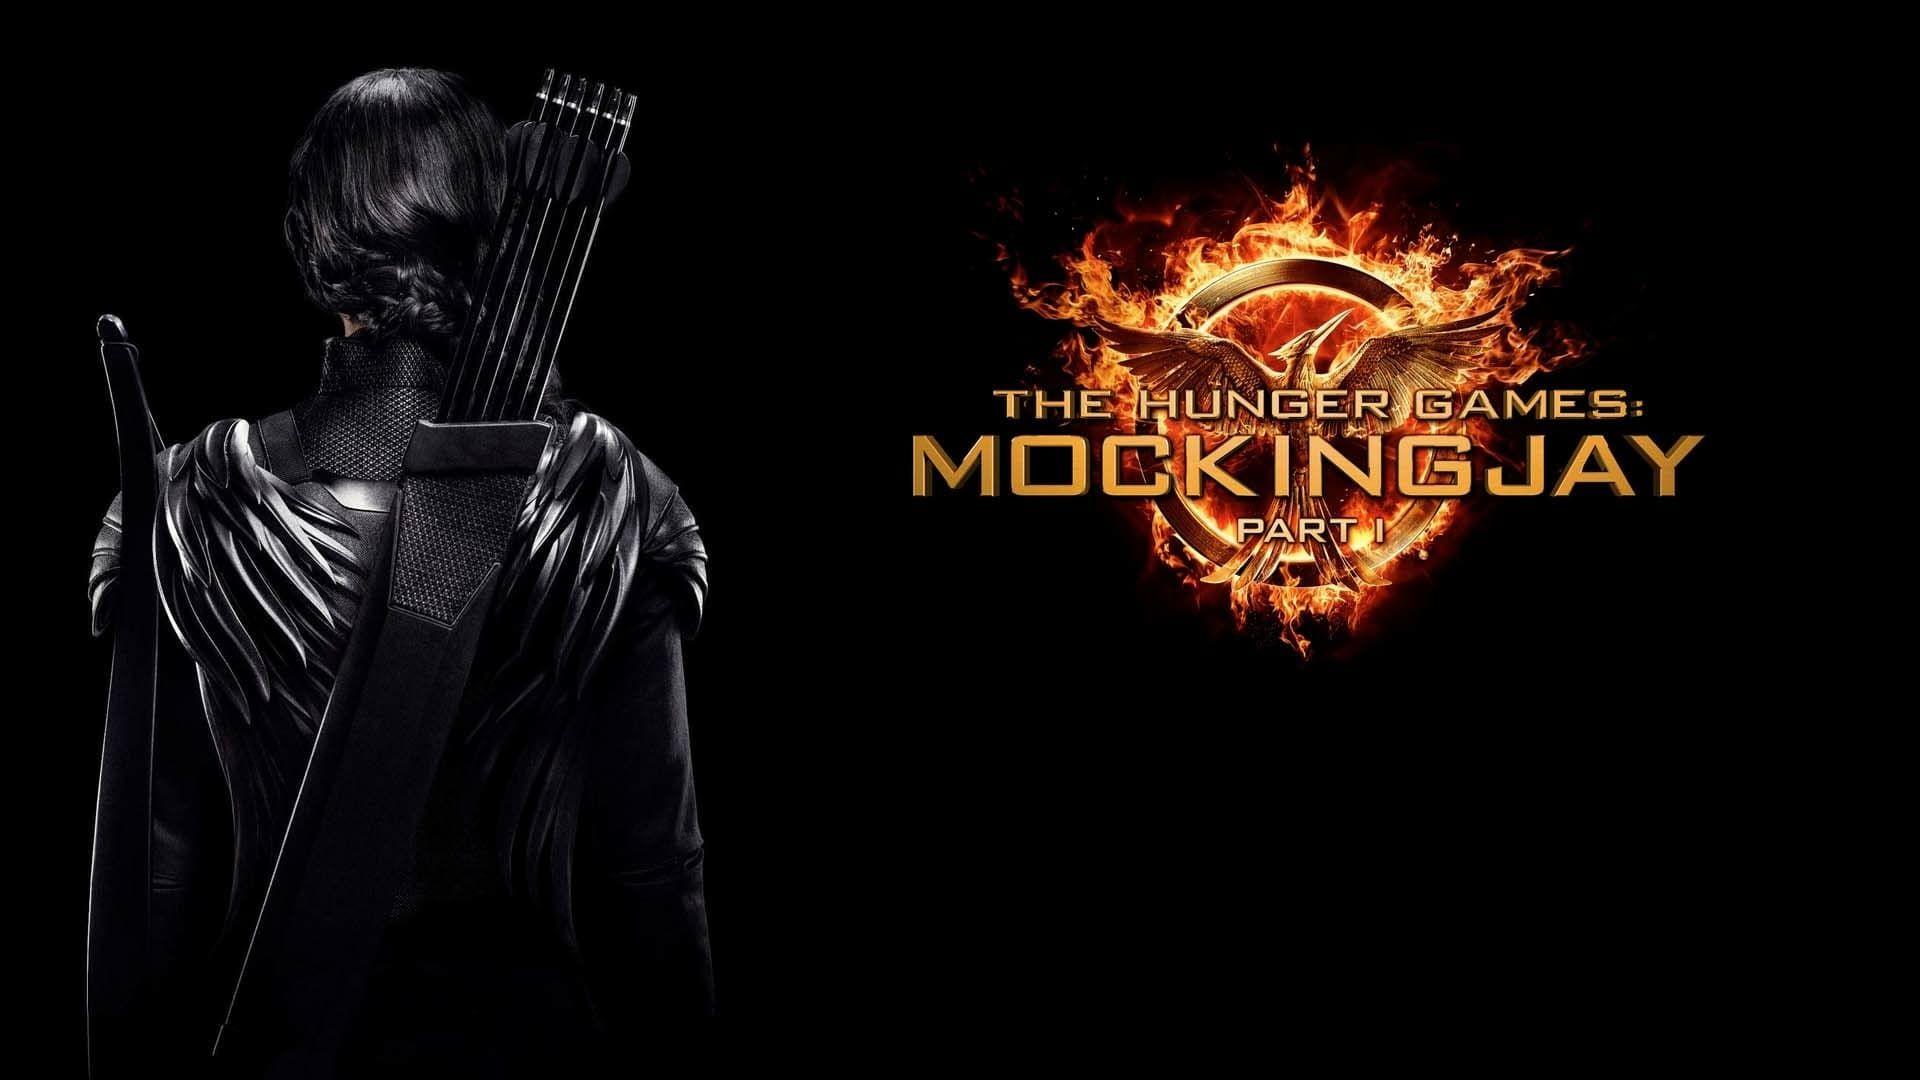 Die Tribute Von Panem Mockingjay Teil 1 2014 Ganzer Film Stream Deutsch Komplett Online Die Tribute Von Panem Mo Hunger Games Mockingjay Free Movies Online